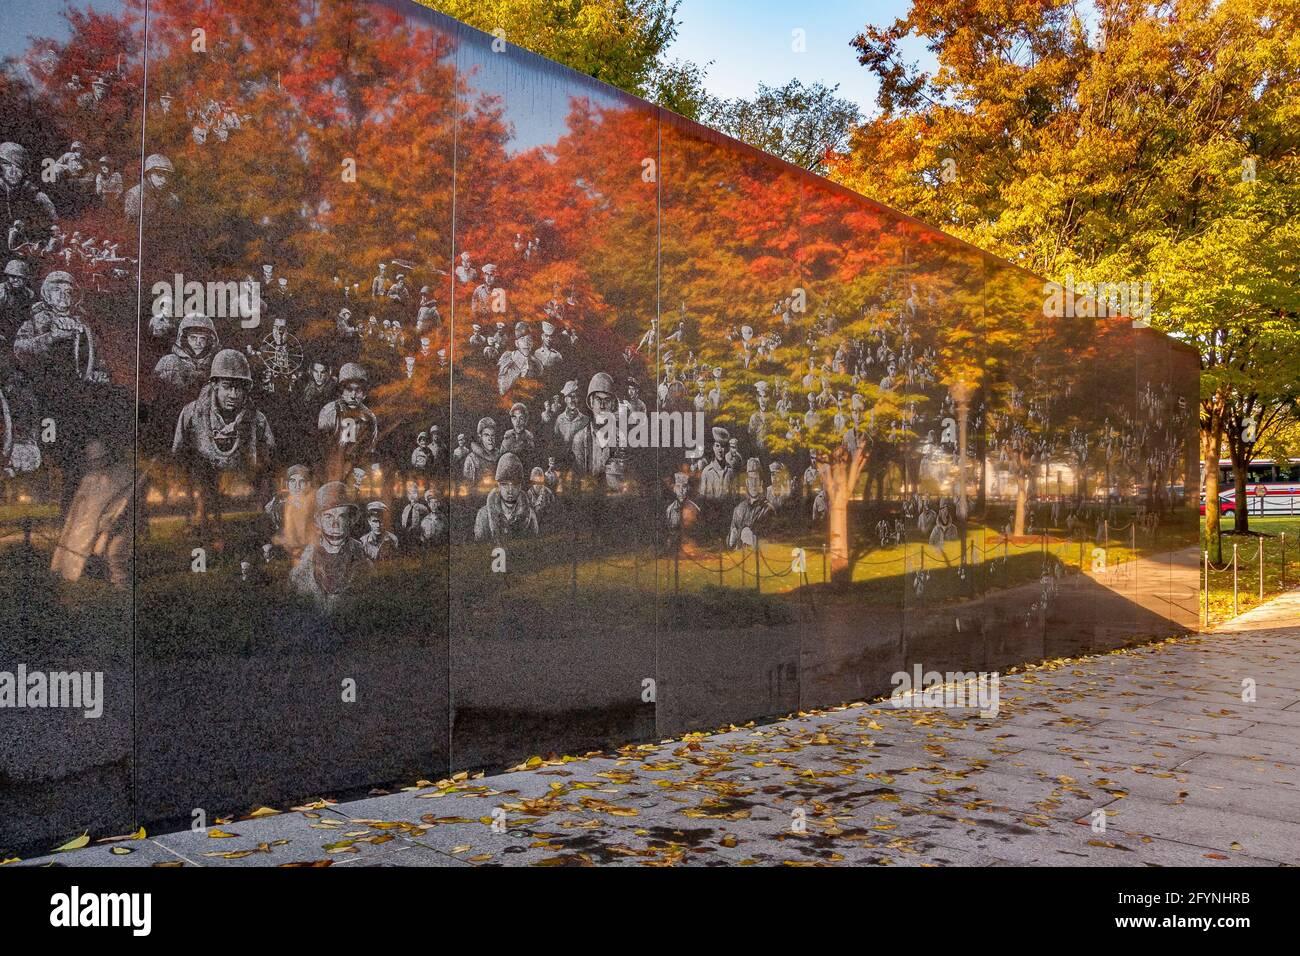 Des images photographiques de soldats et d'arbres automnaux se reflètent dans le mur en granit noir très poli du Mémorial de la guerre de Corée, Washington DC Banque D'Images